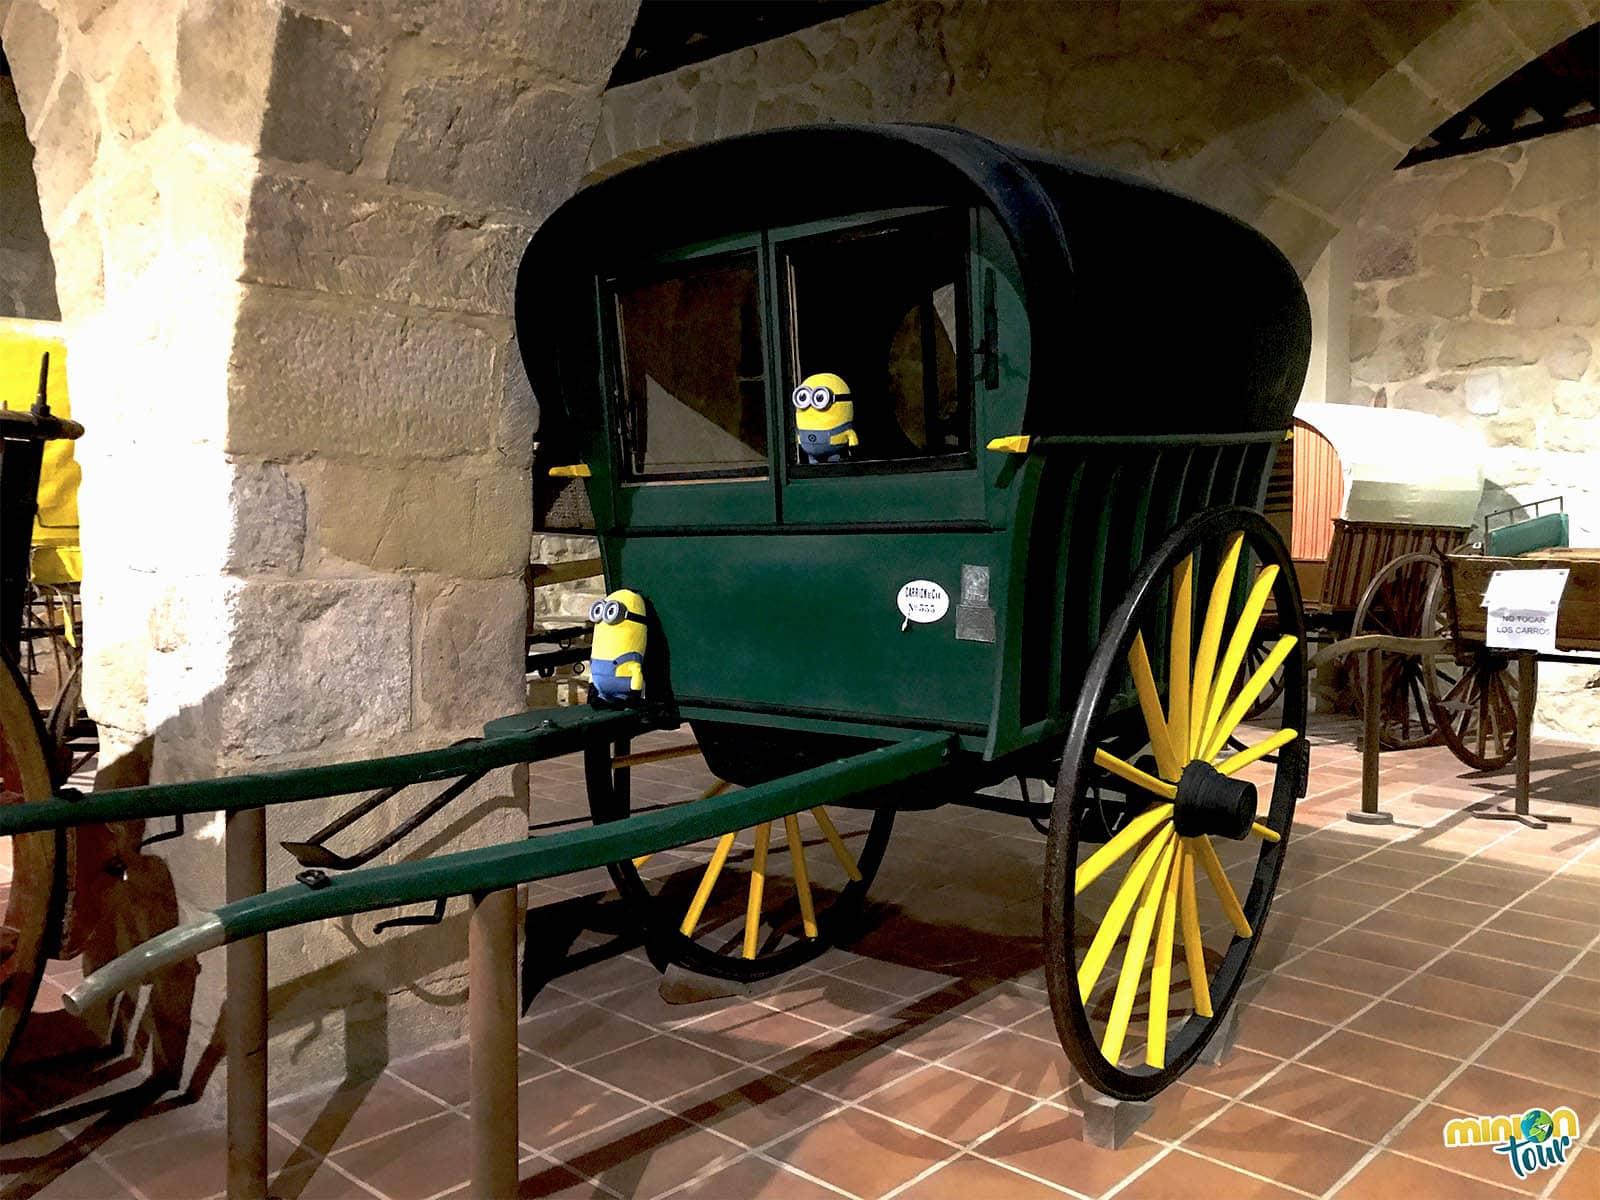 Otro de los carros del museo